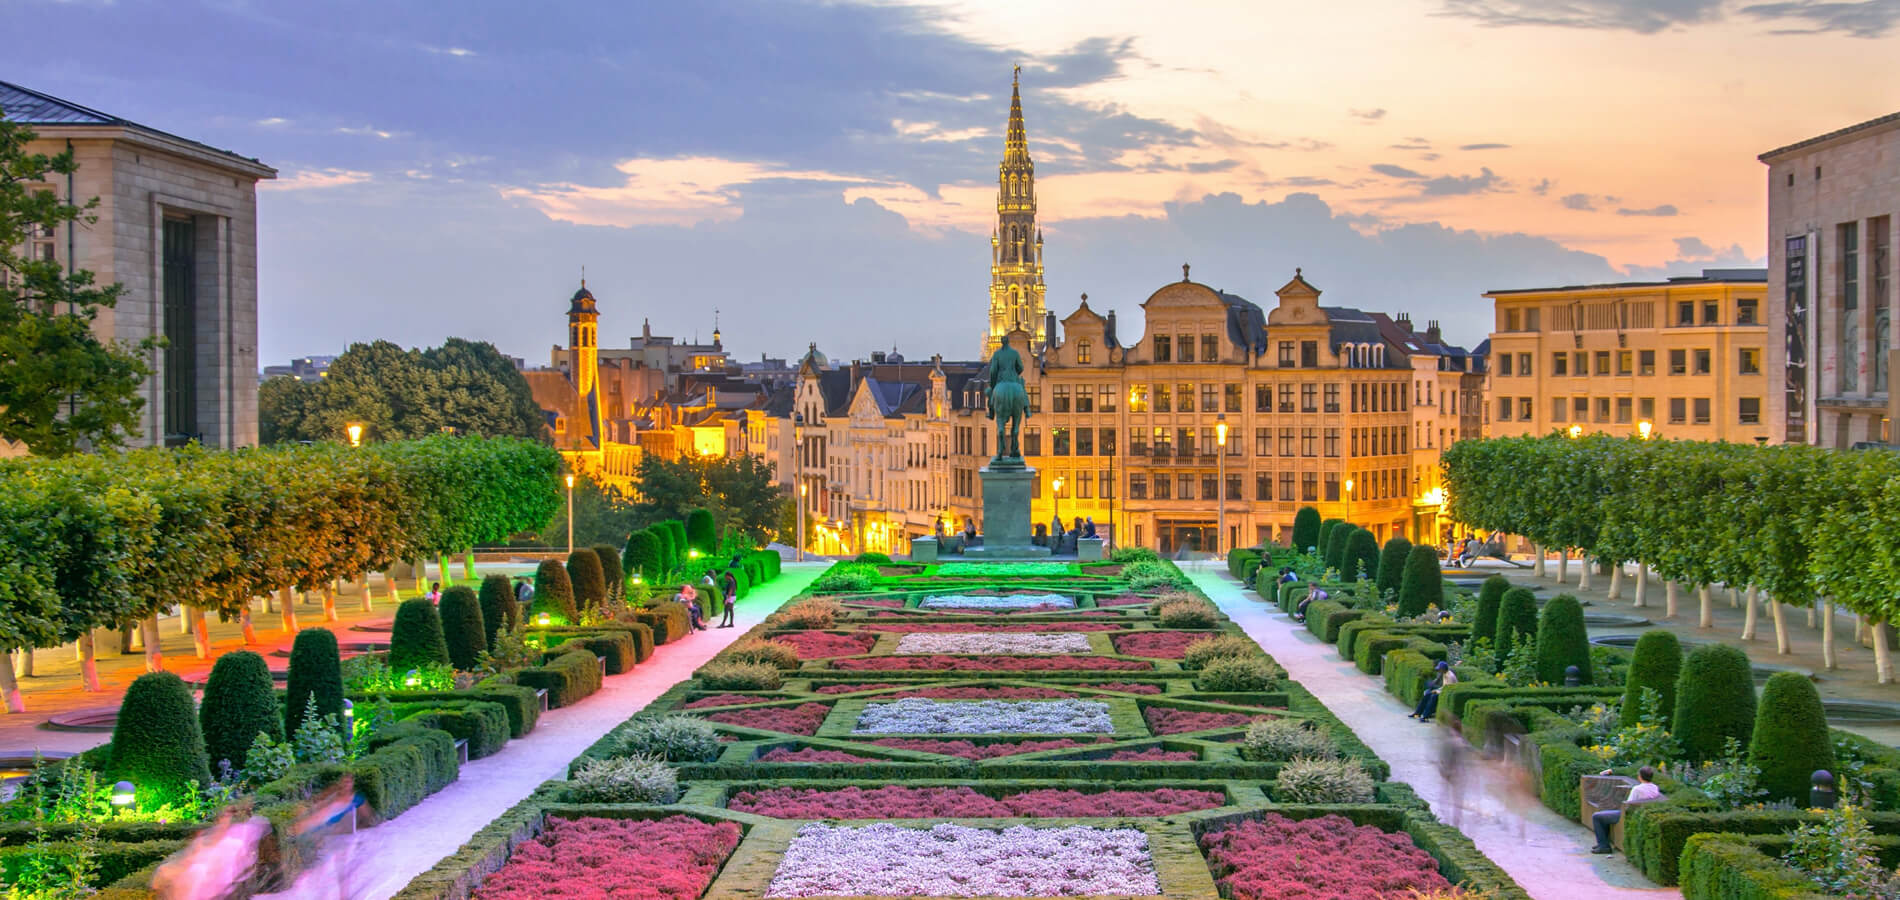 Le siège social de son entreprise au coeur de l'Europe, près de Bruxelles.